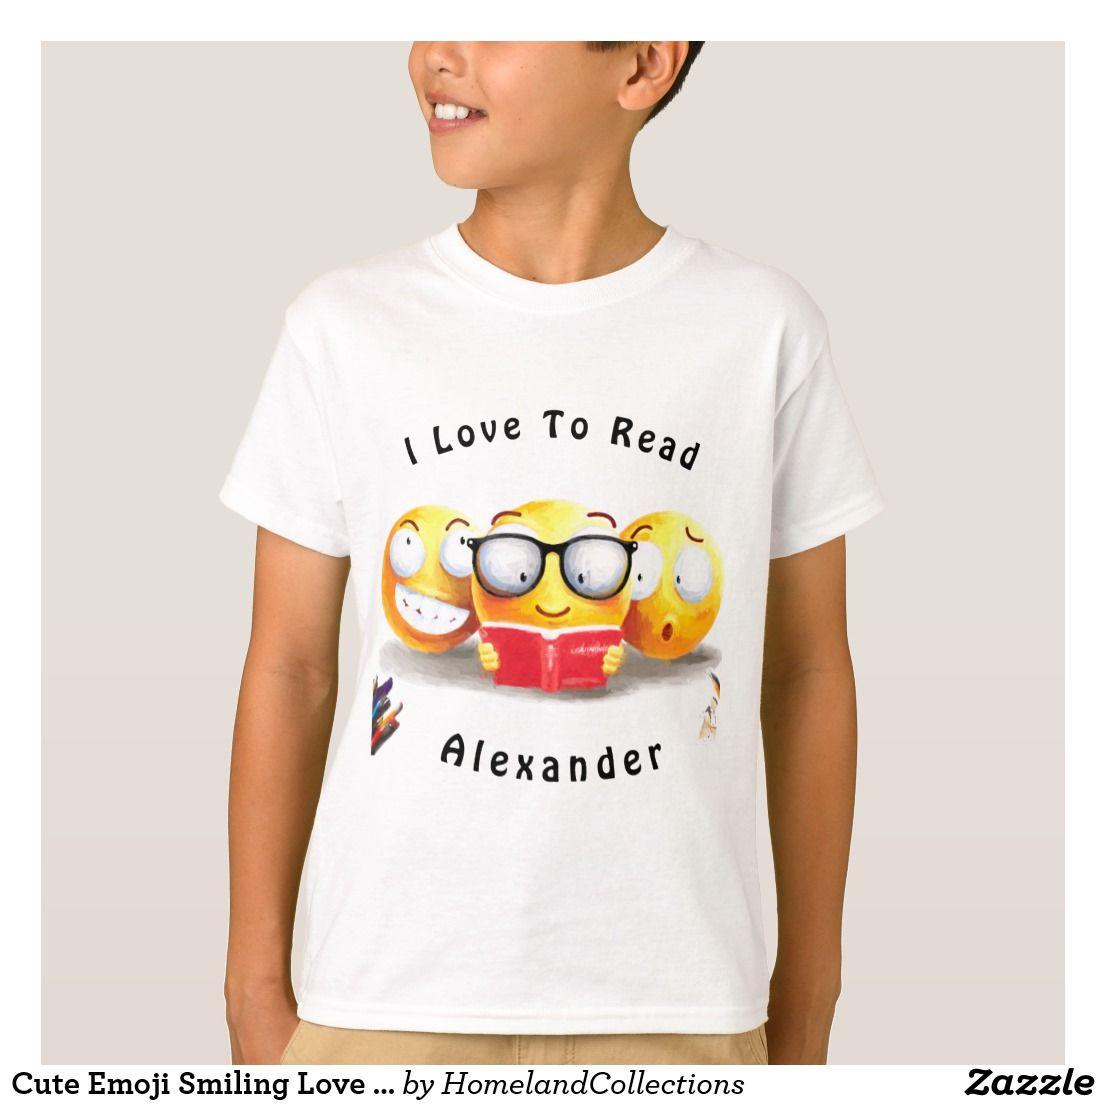 Cute Emoji Smiling Love Reading Book T Shirt Zazzle Com